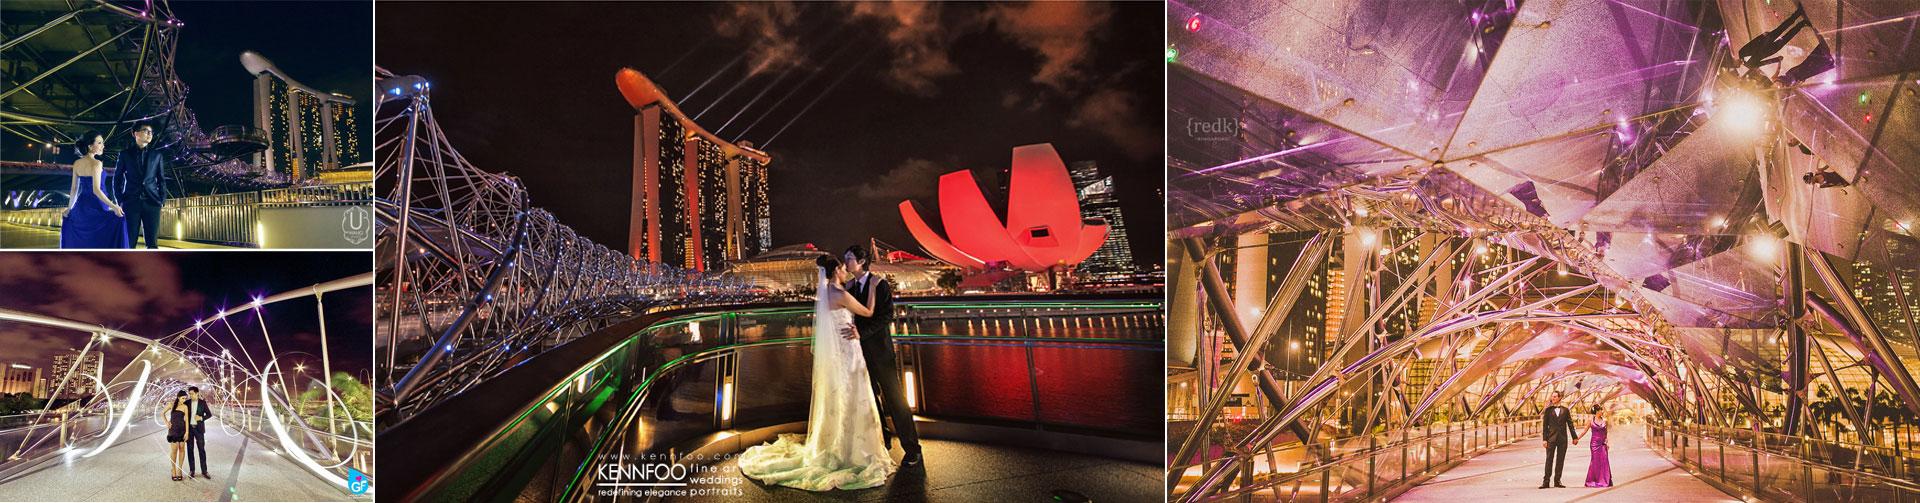 helix-bridge-wedding